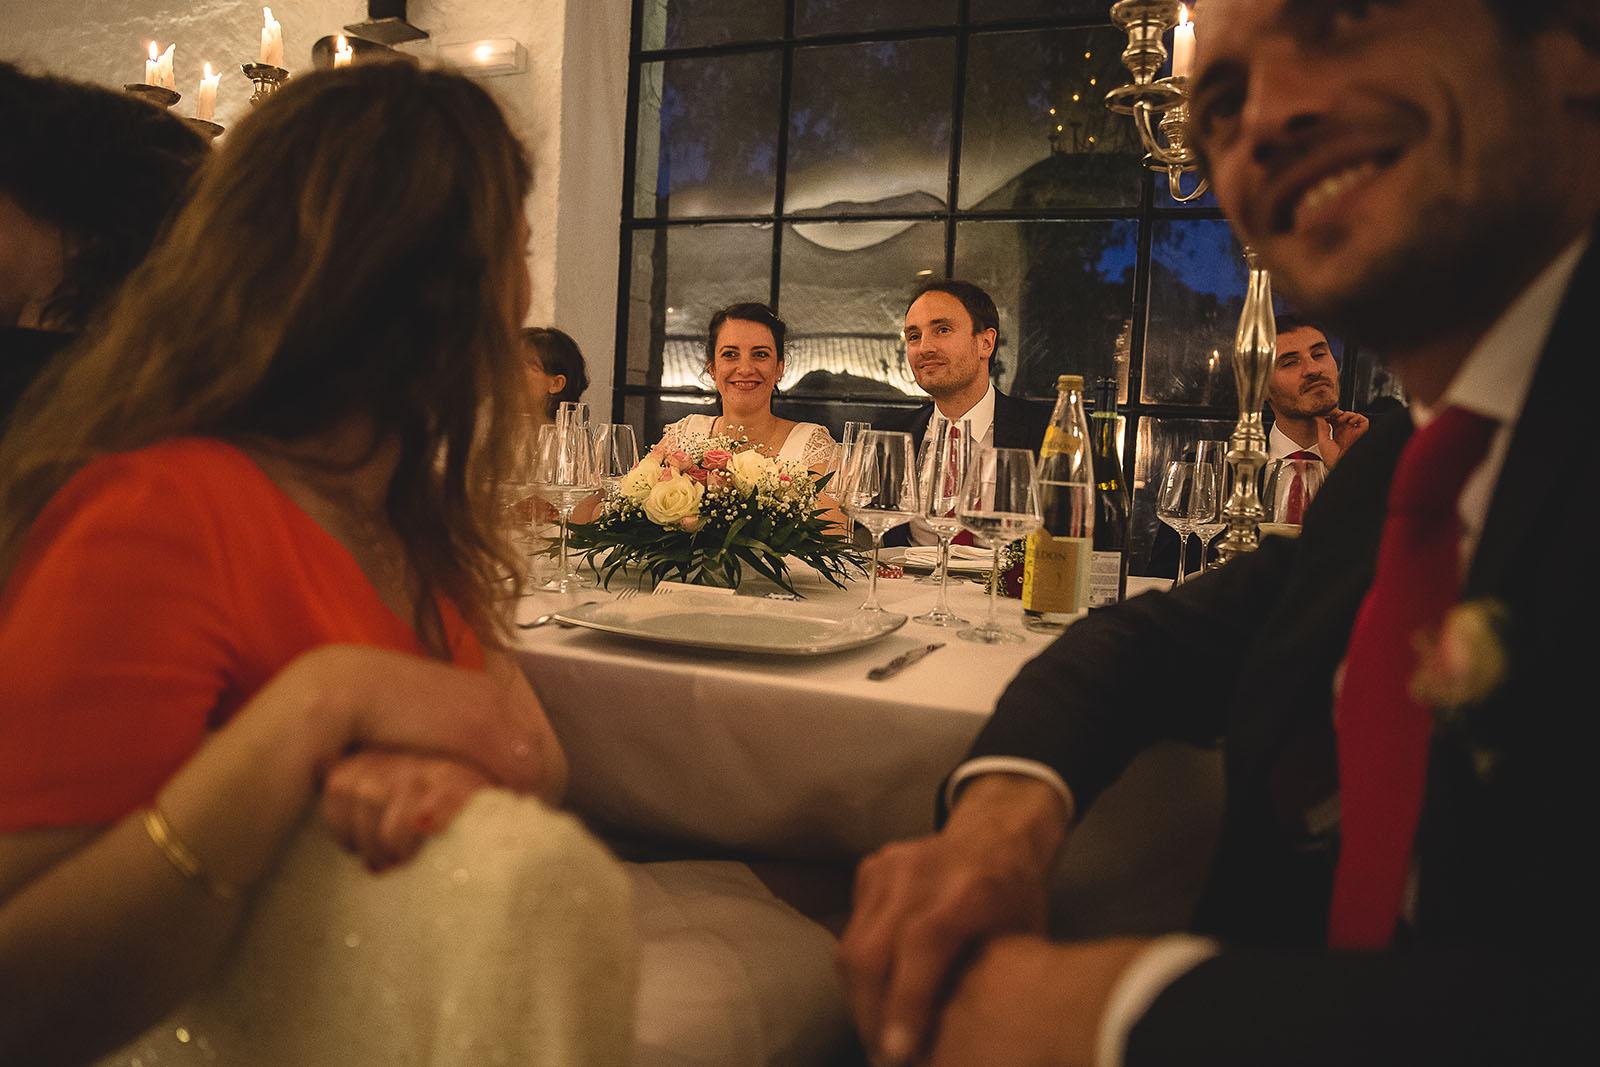 Mariage Château de Beauvoir la table des mariés dans la soirée. David Pommier photographe de mariage